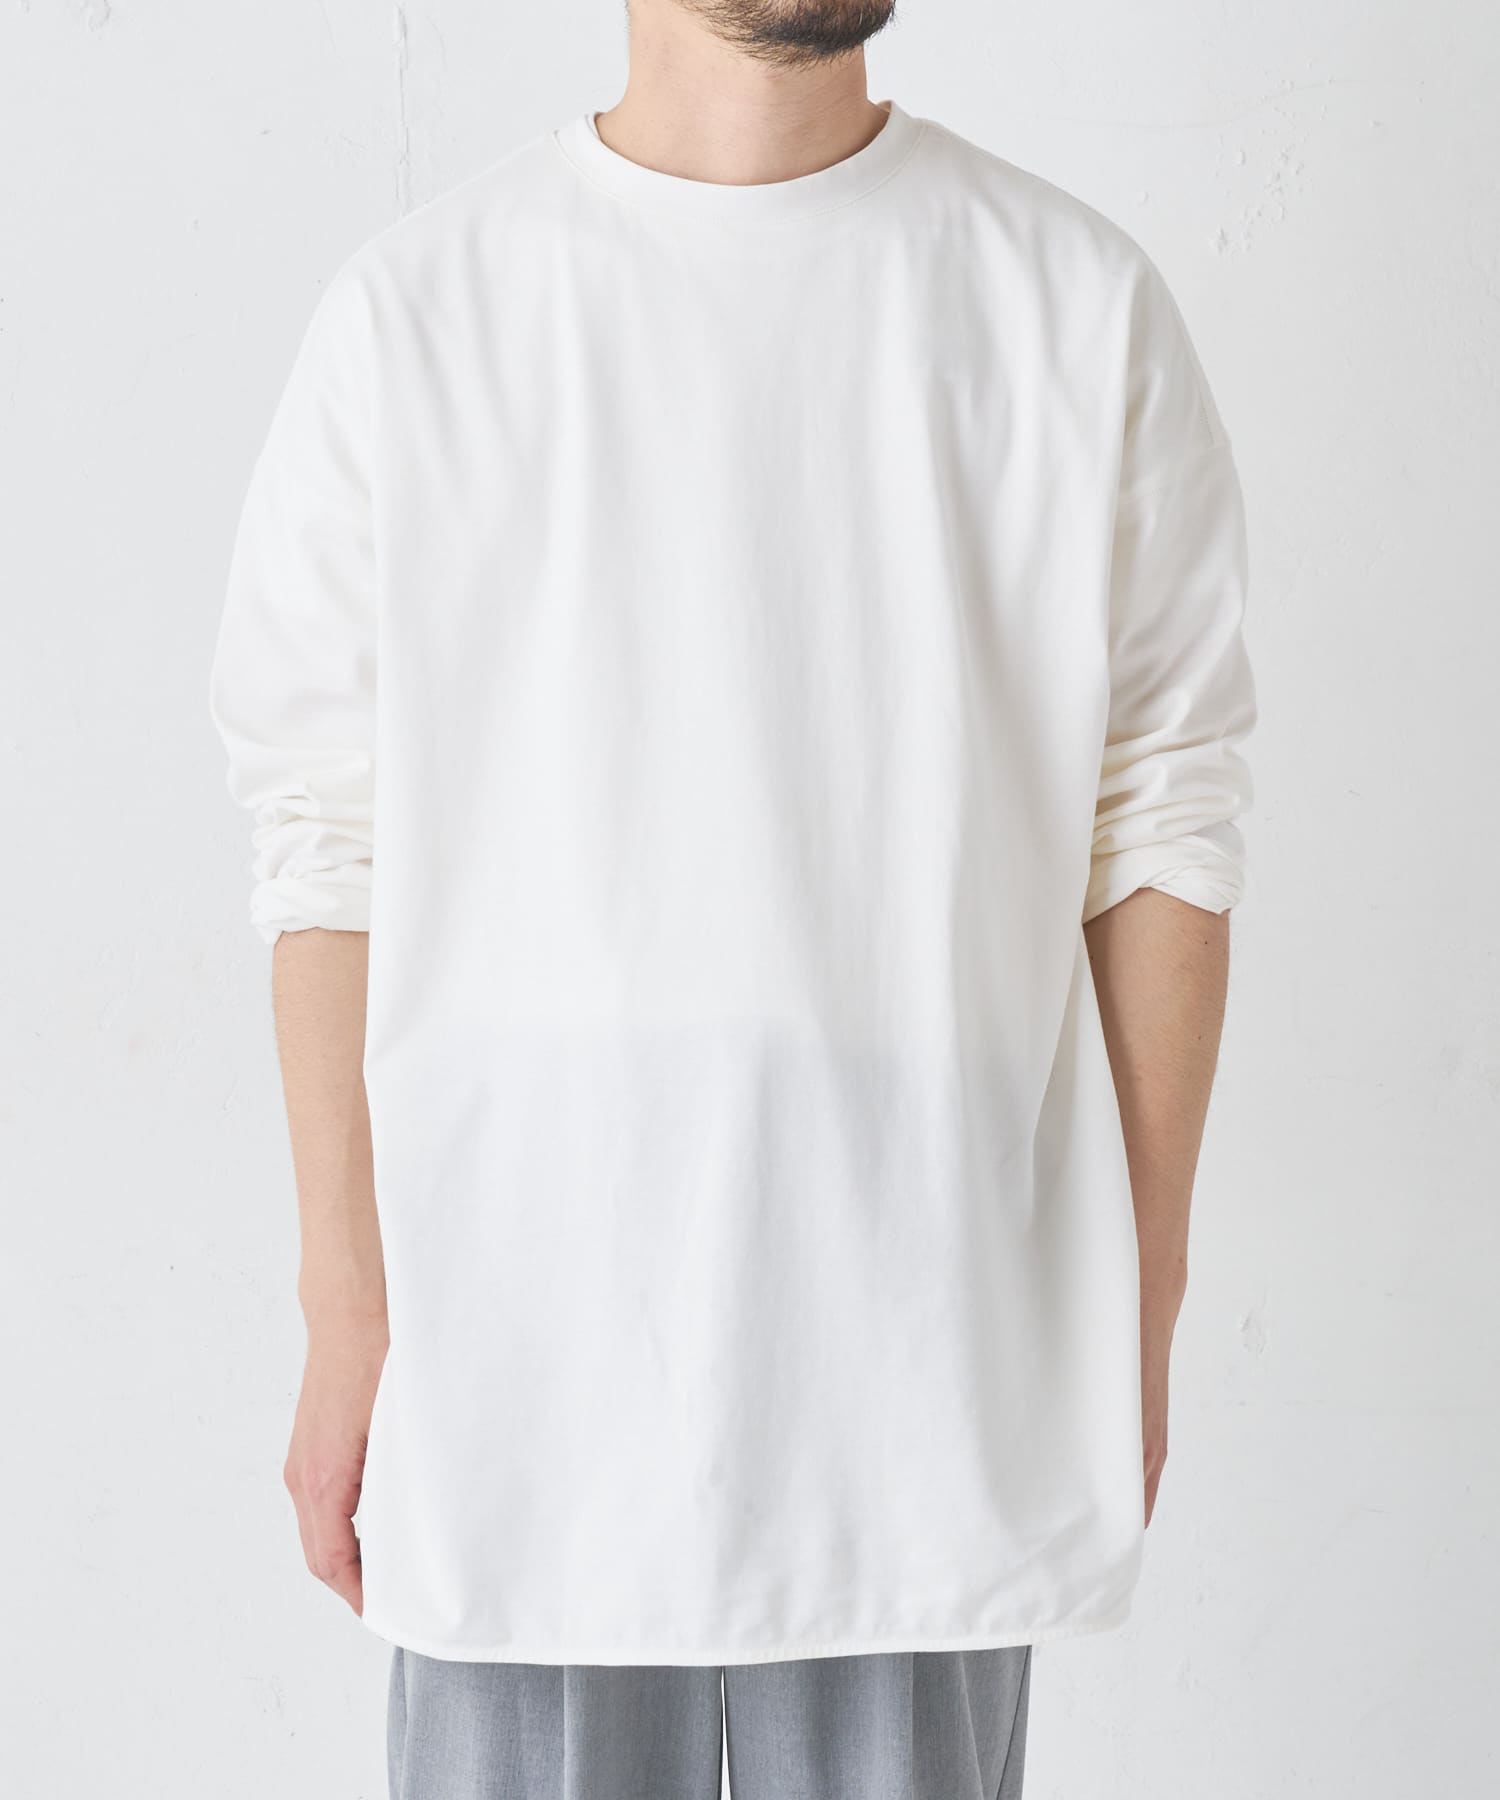 BONbazaar(ボンバザール) BONbazaar(ボンバザール) 《ユニセックス》前後2WAYオーバーサイズTシャツ ホワイト